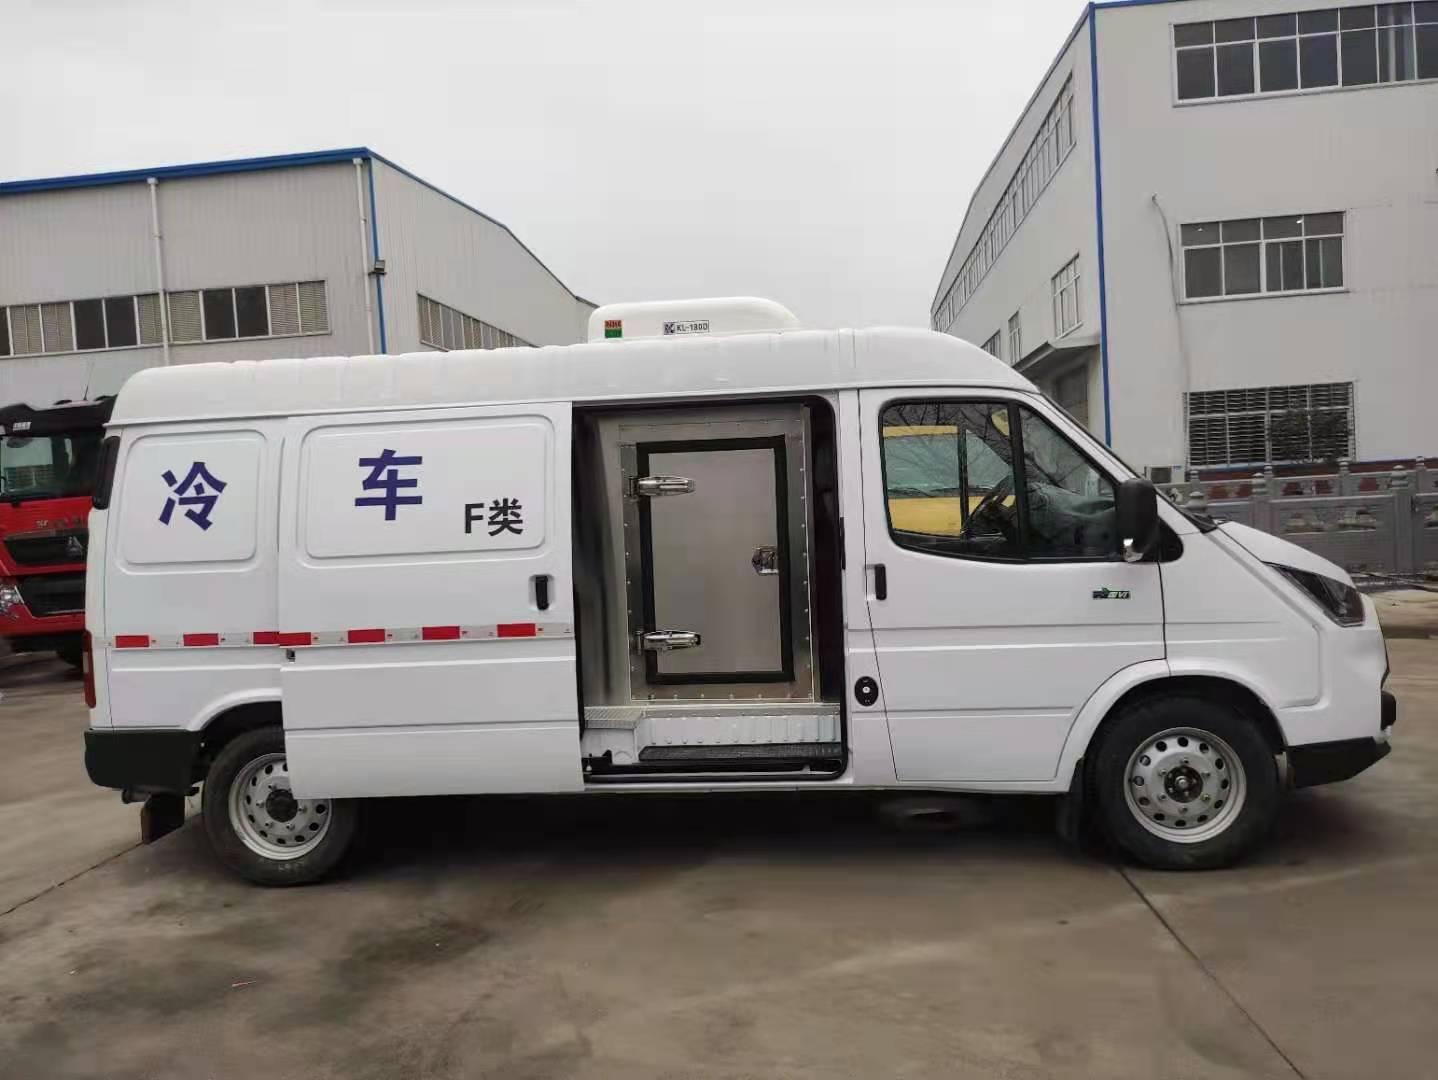 云南省迪庆藏族自治州医疗用车图片厂家电话